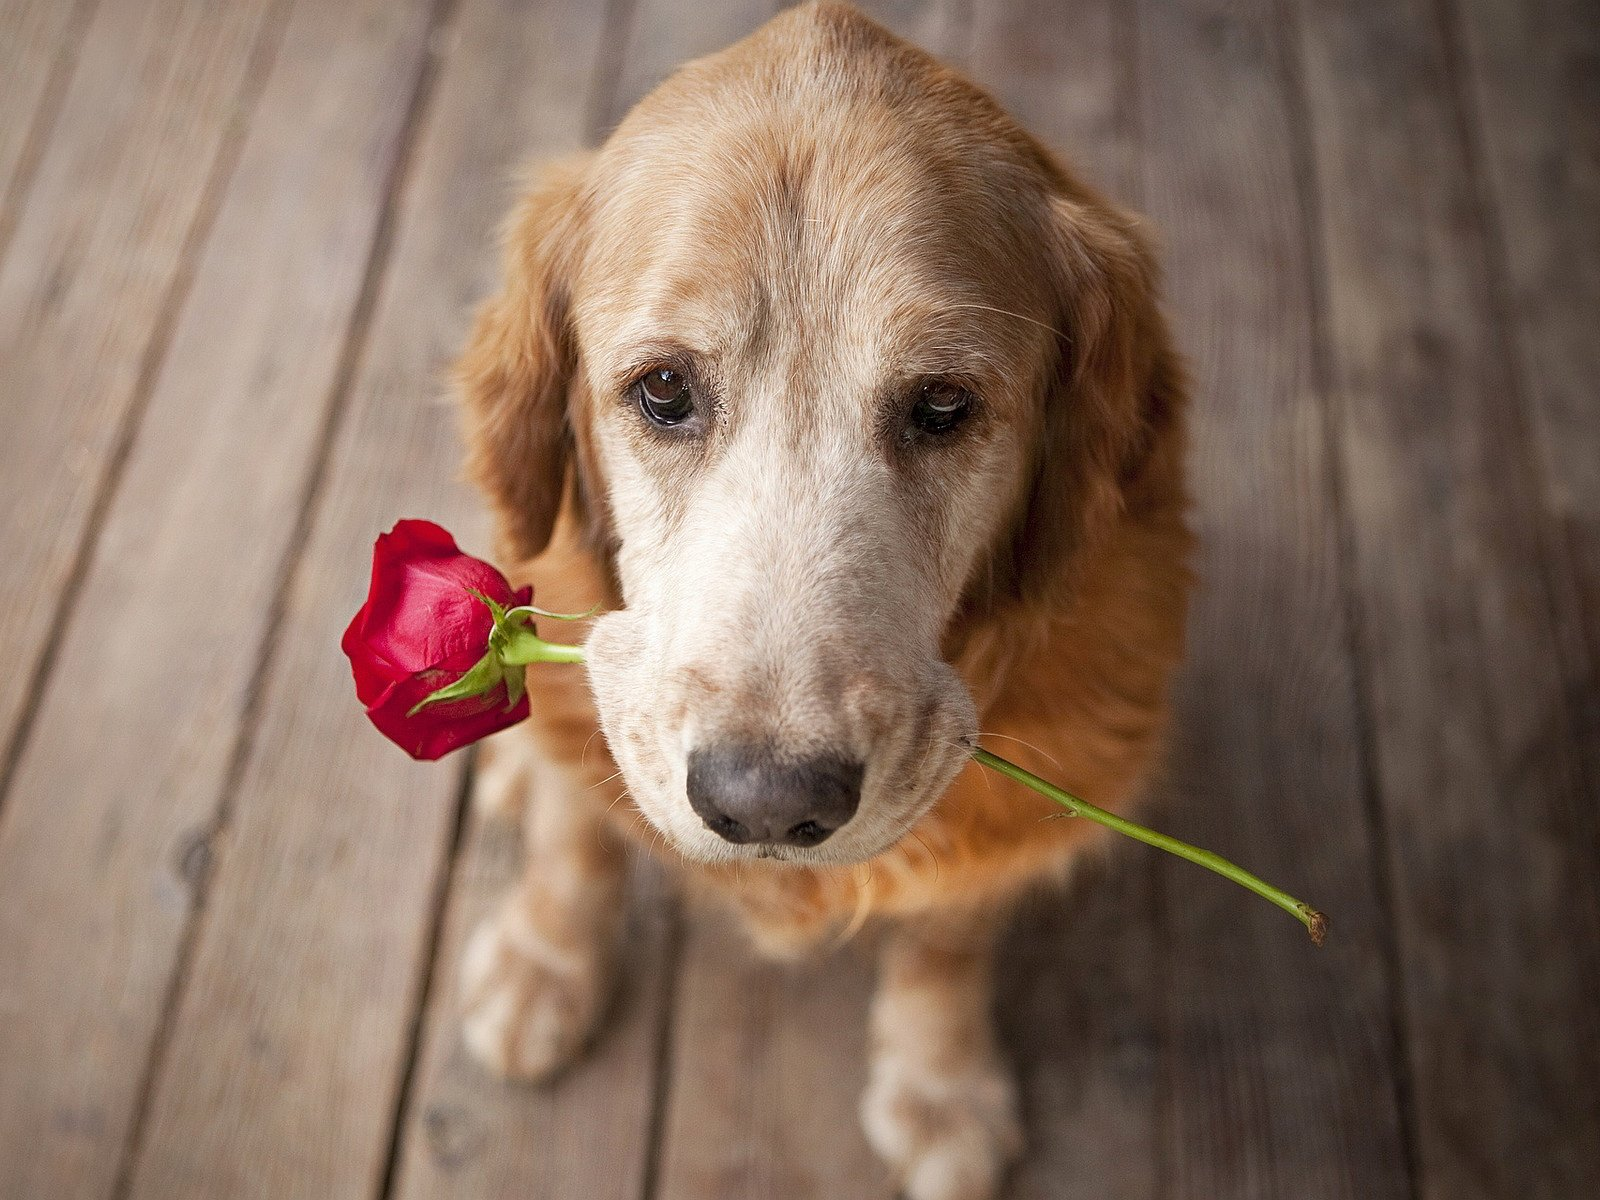 Não é preciso teoria para perceber as demonstrações de amor e carinho que os cães nos dão o tempo todo | Foto: Reprodução